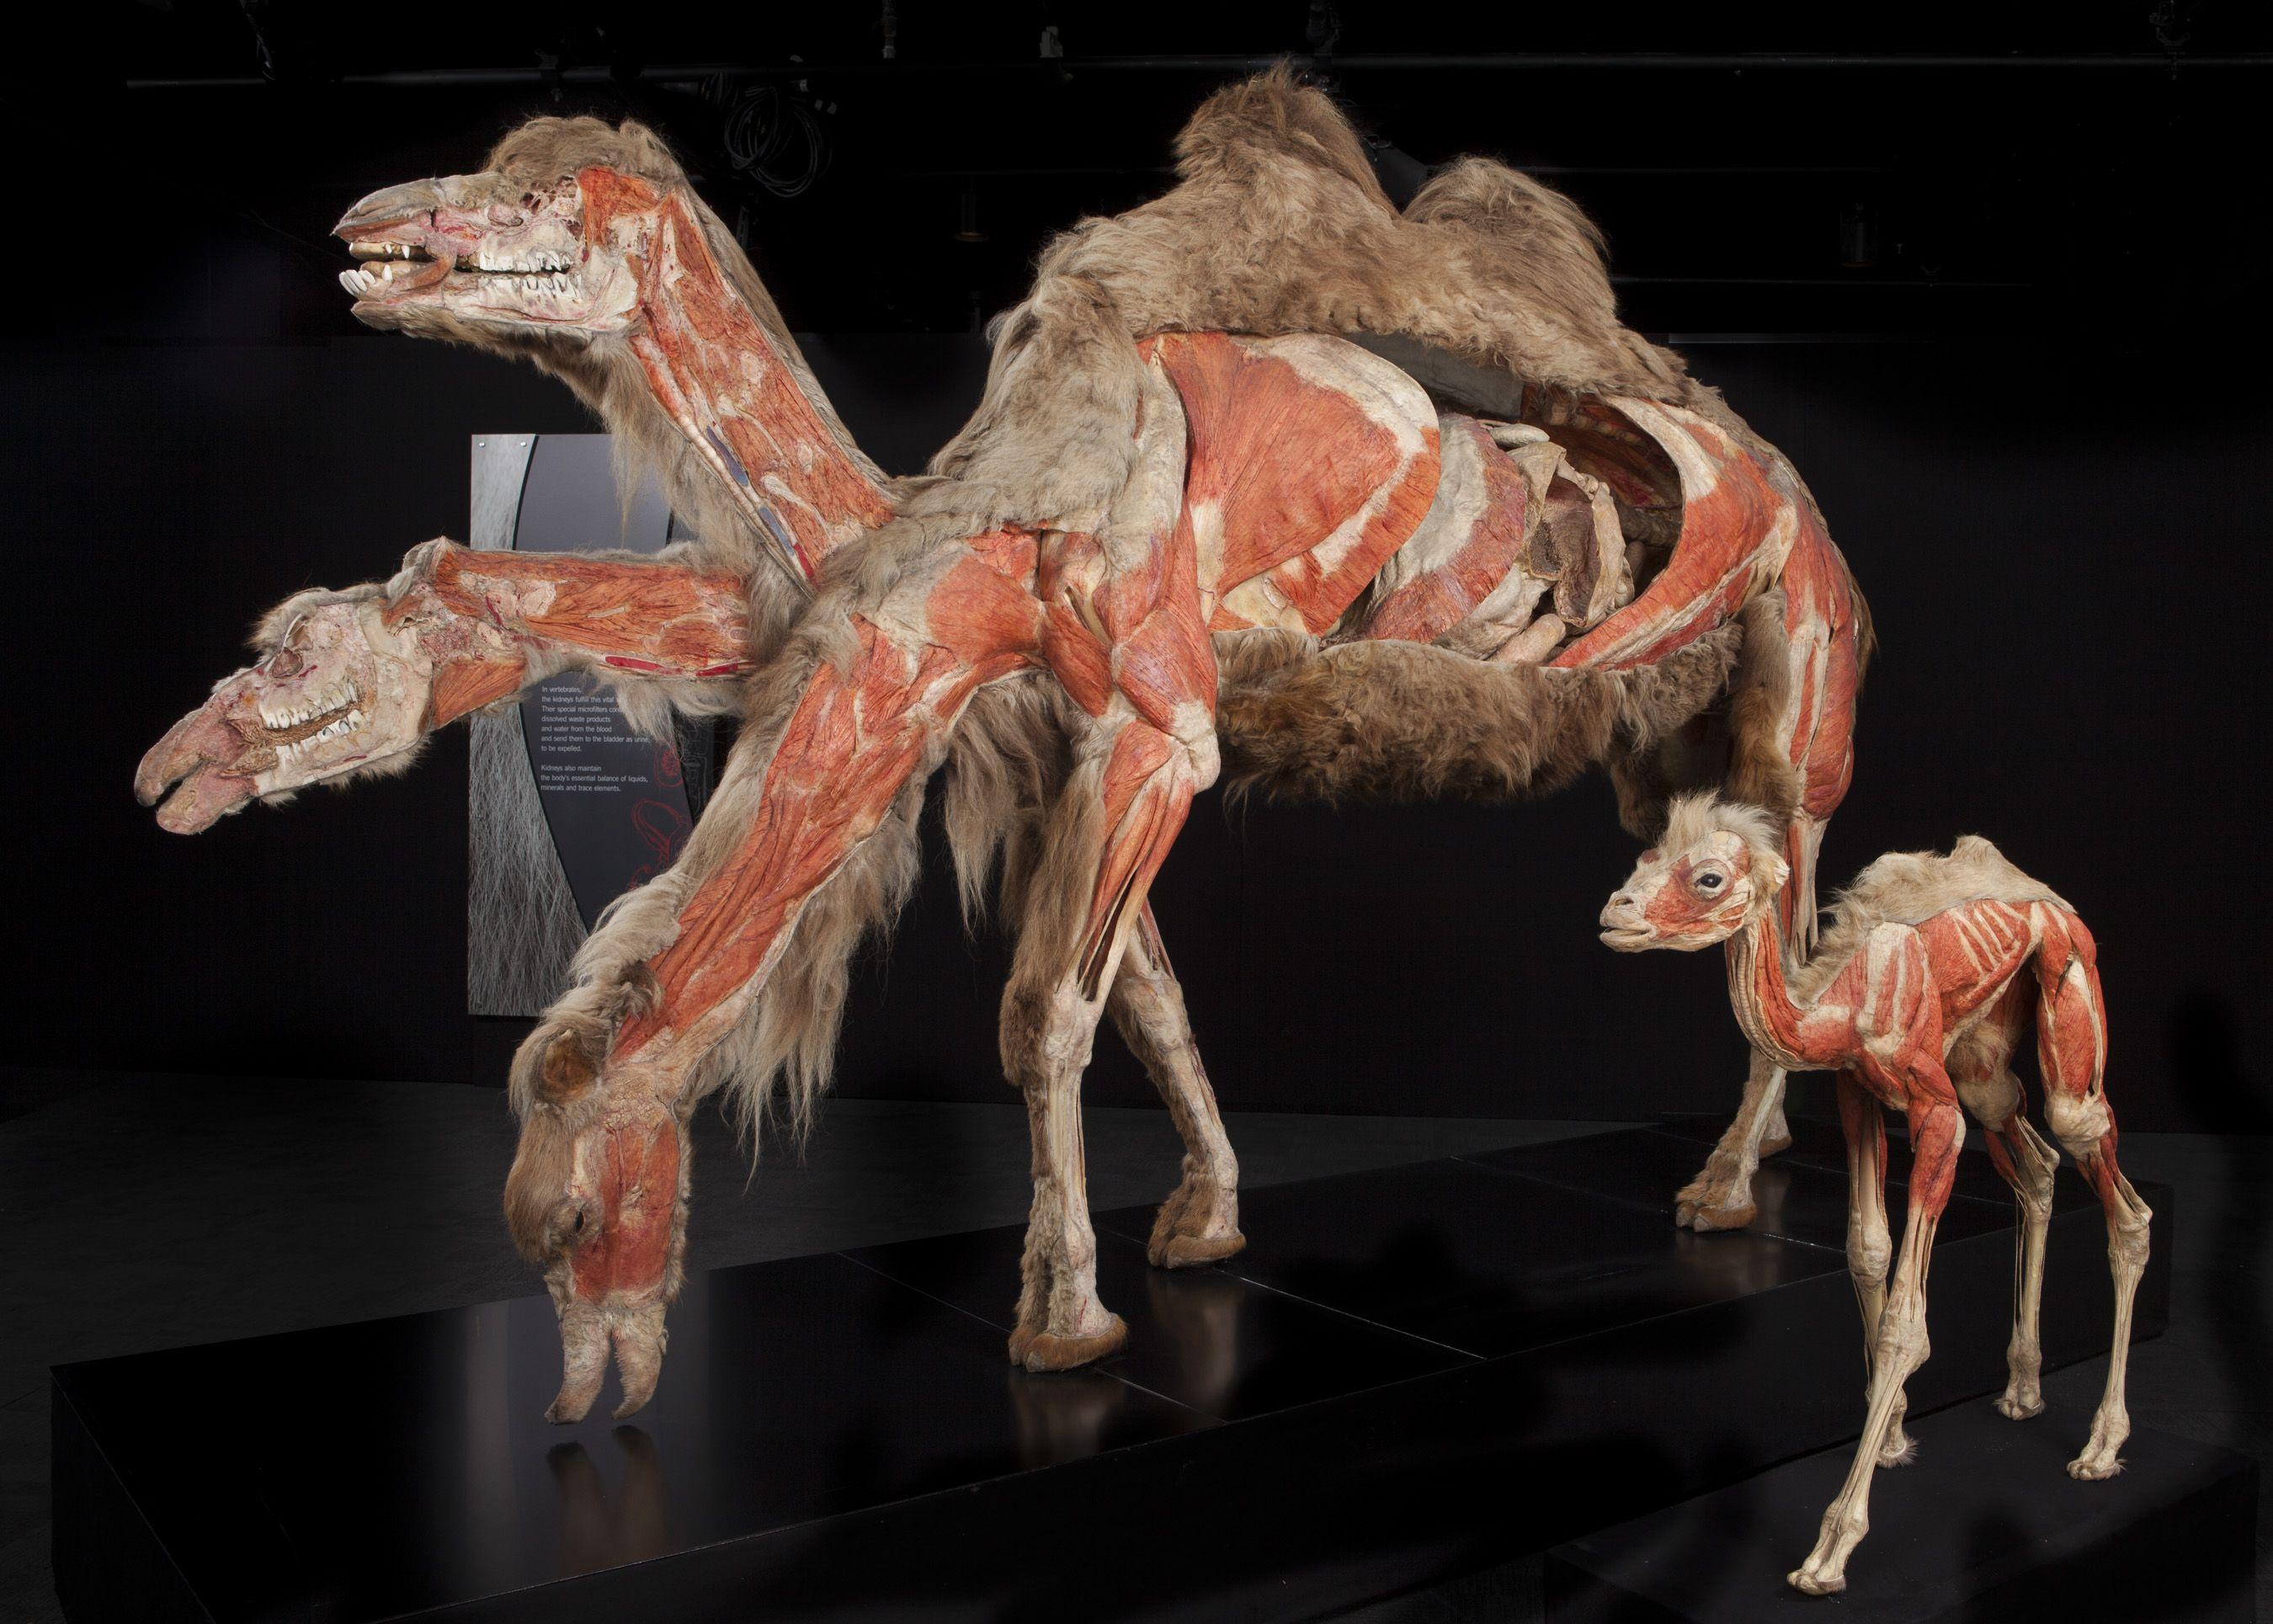 camel anatomy | Animal Anatomy | Pinterest